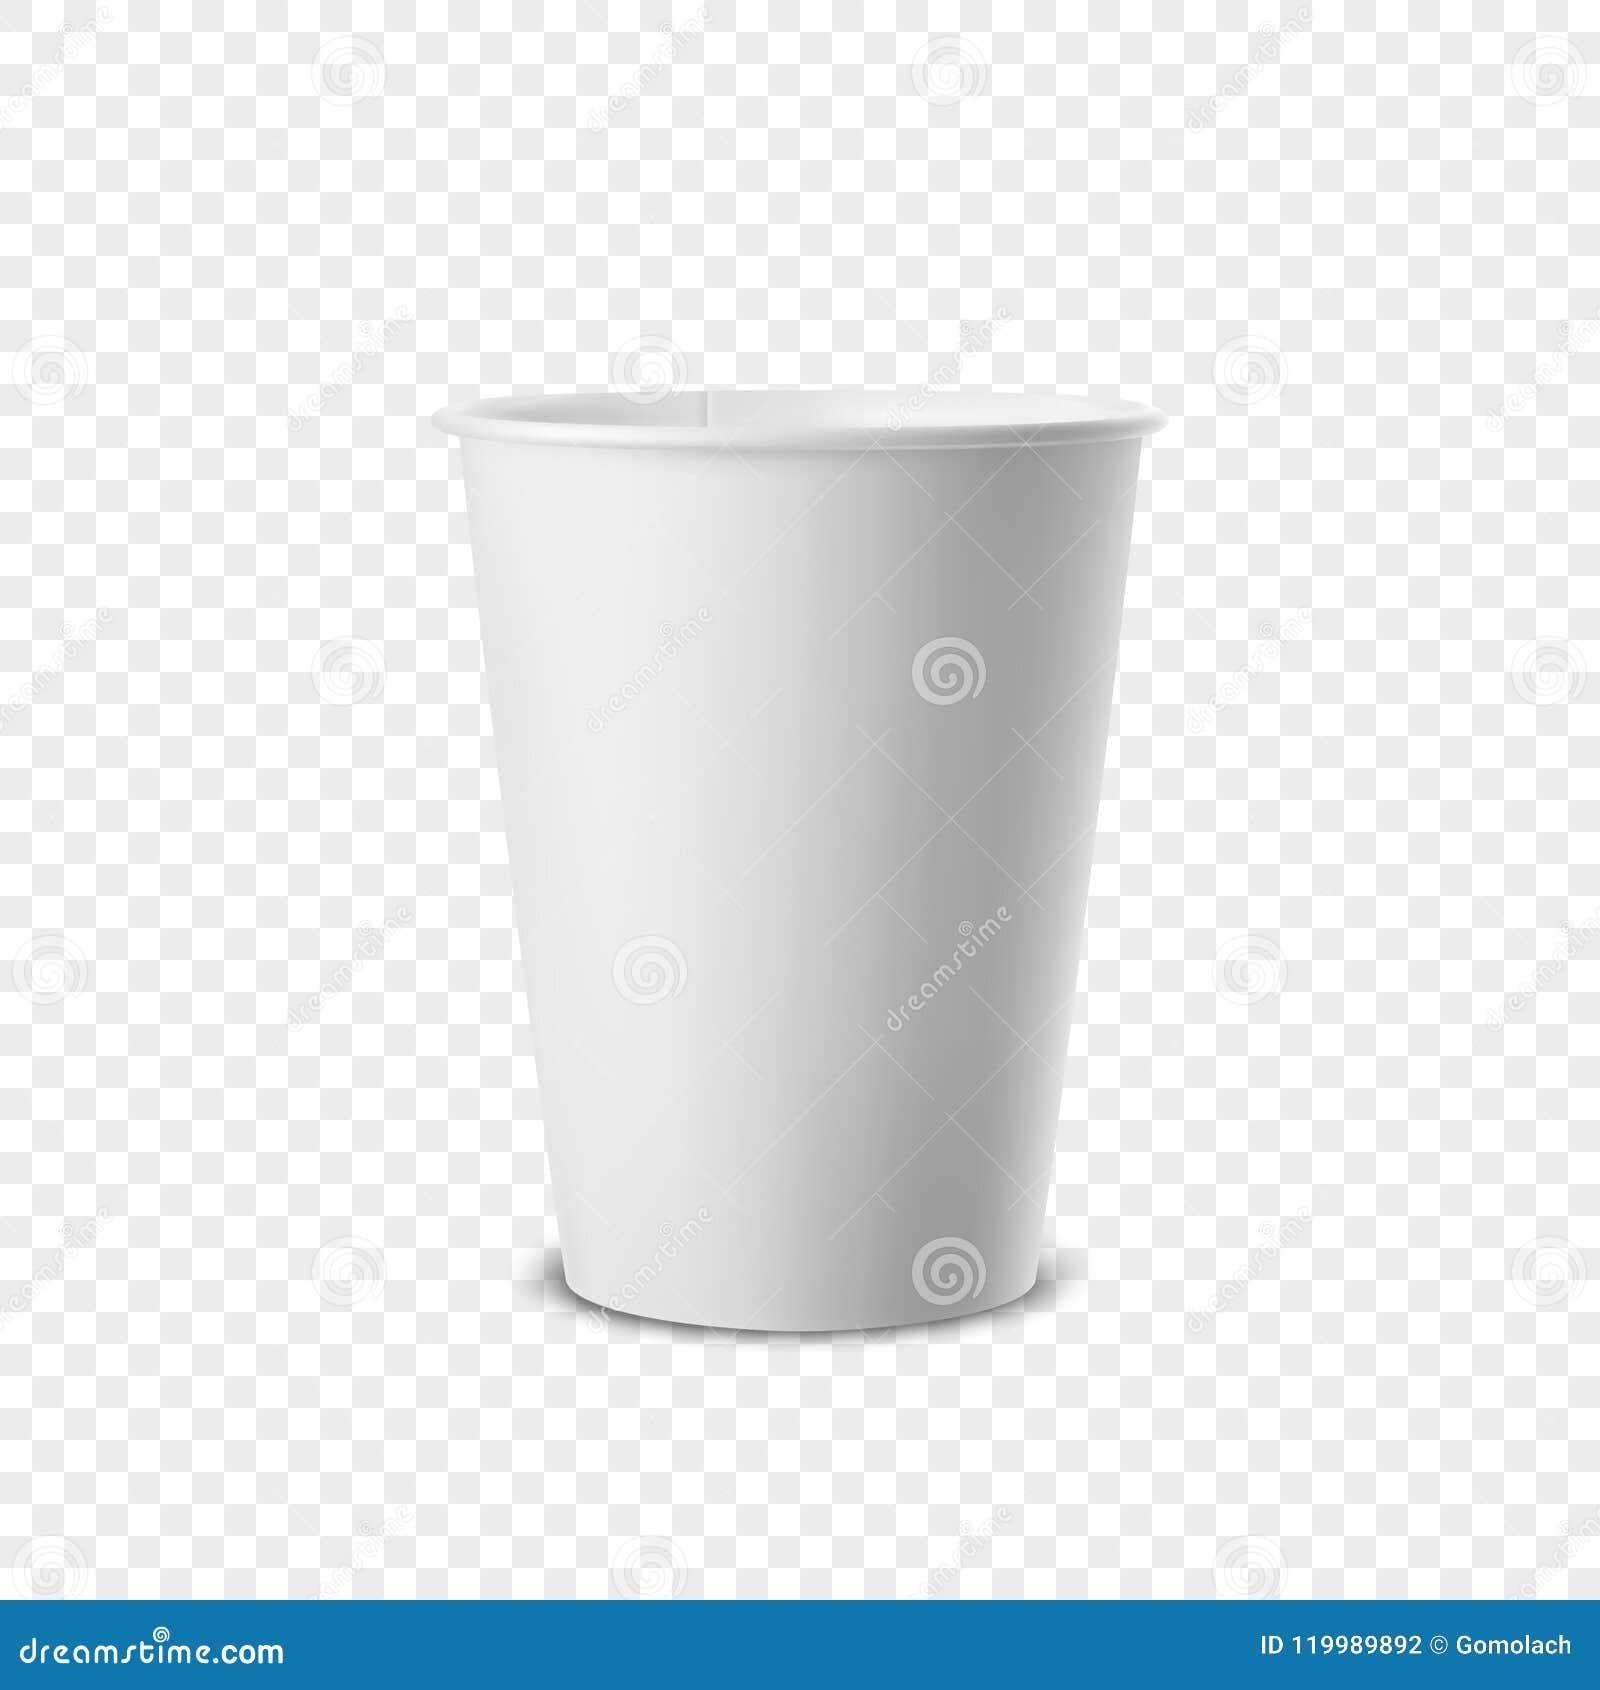 Dirigez L Icone Jetable Realiste De Tasse Du Livre Blanc 3d